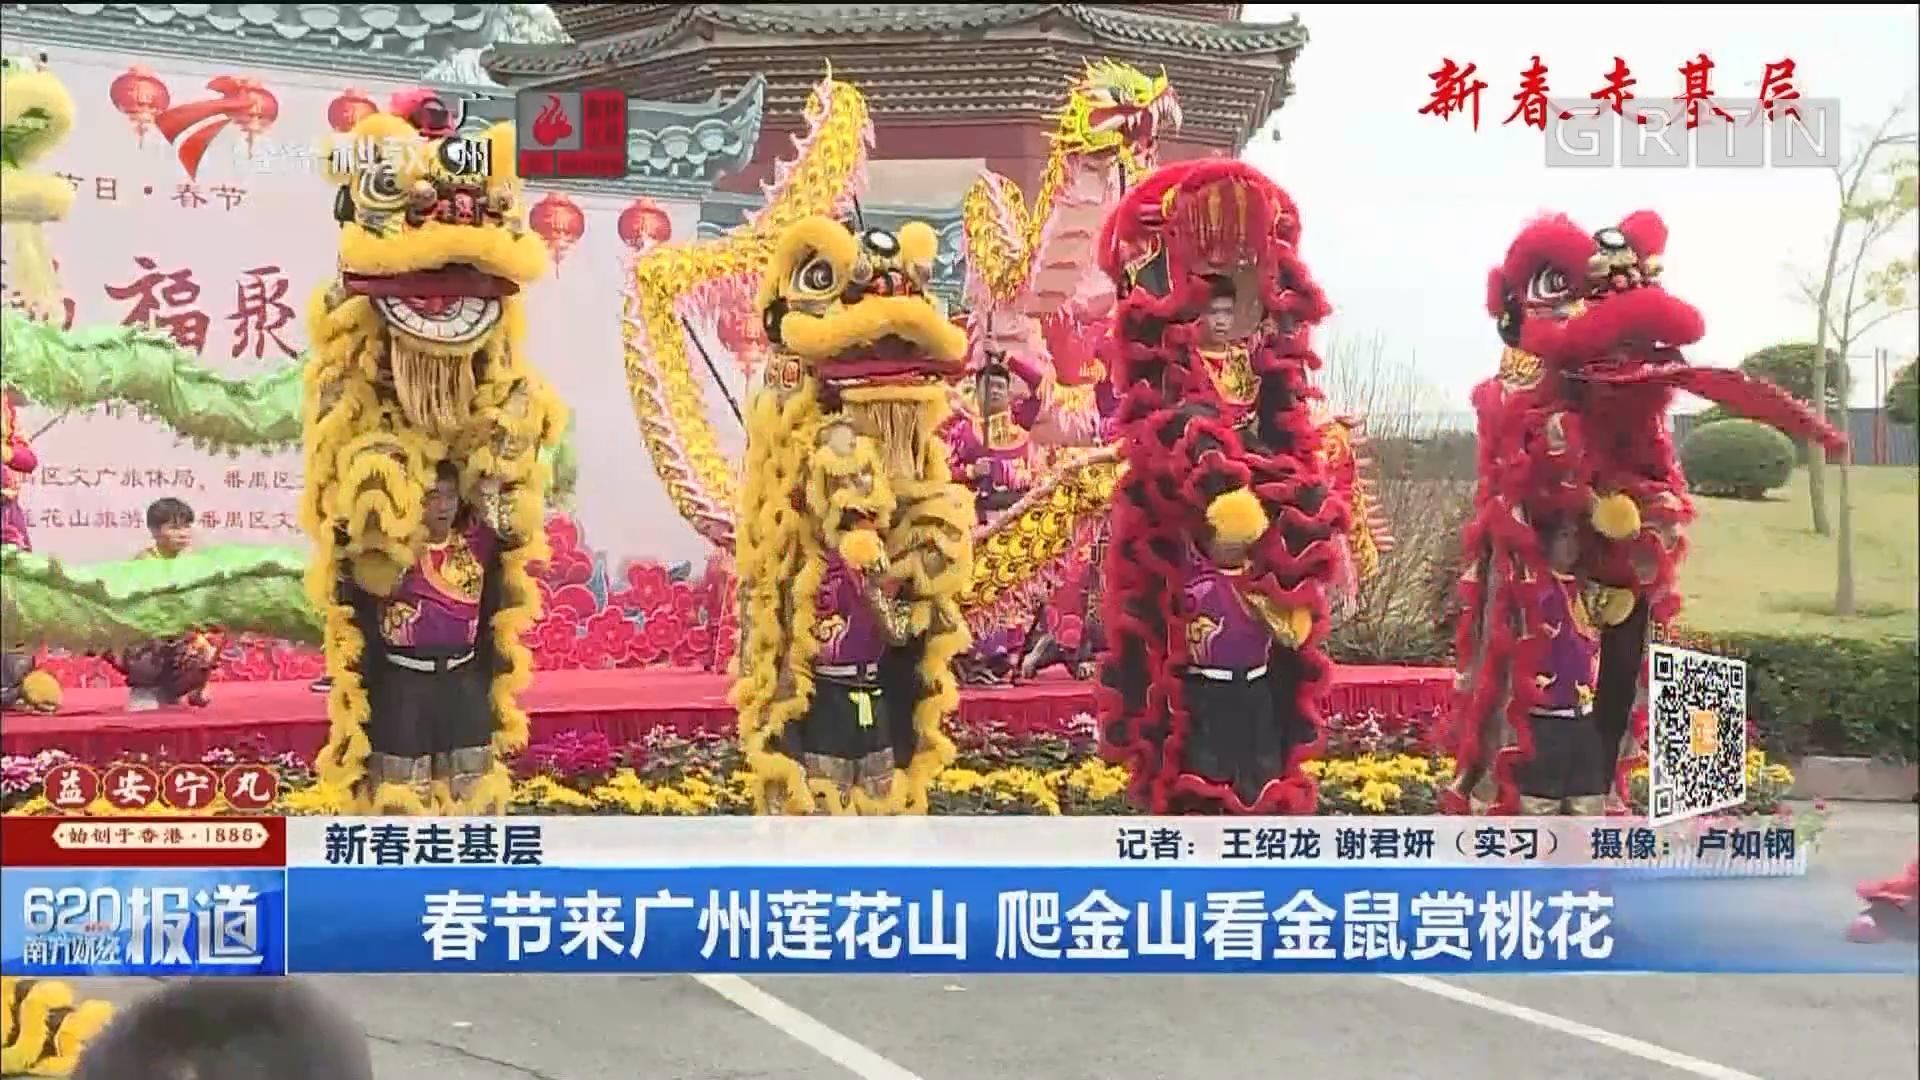 新春走基层:春节来广州莲花山 爬金山看金鼠赏桃花